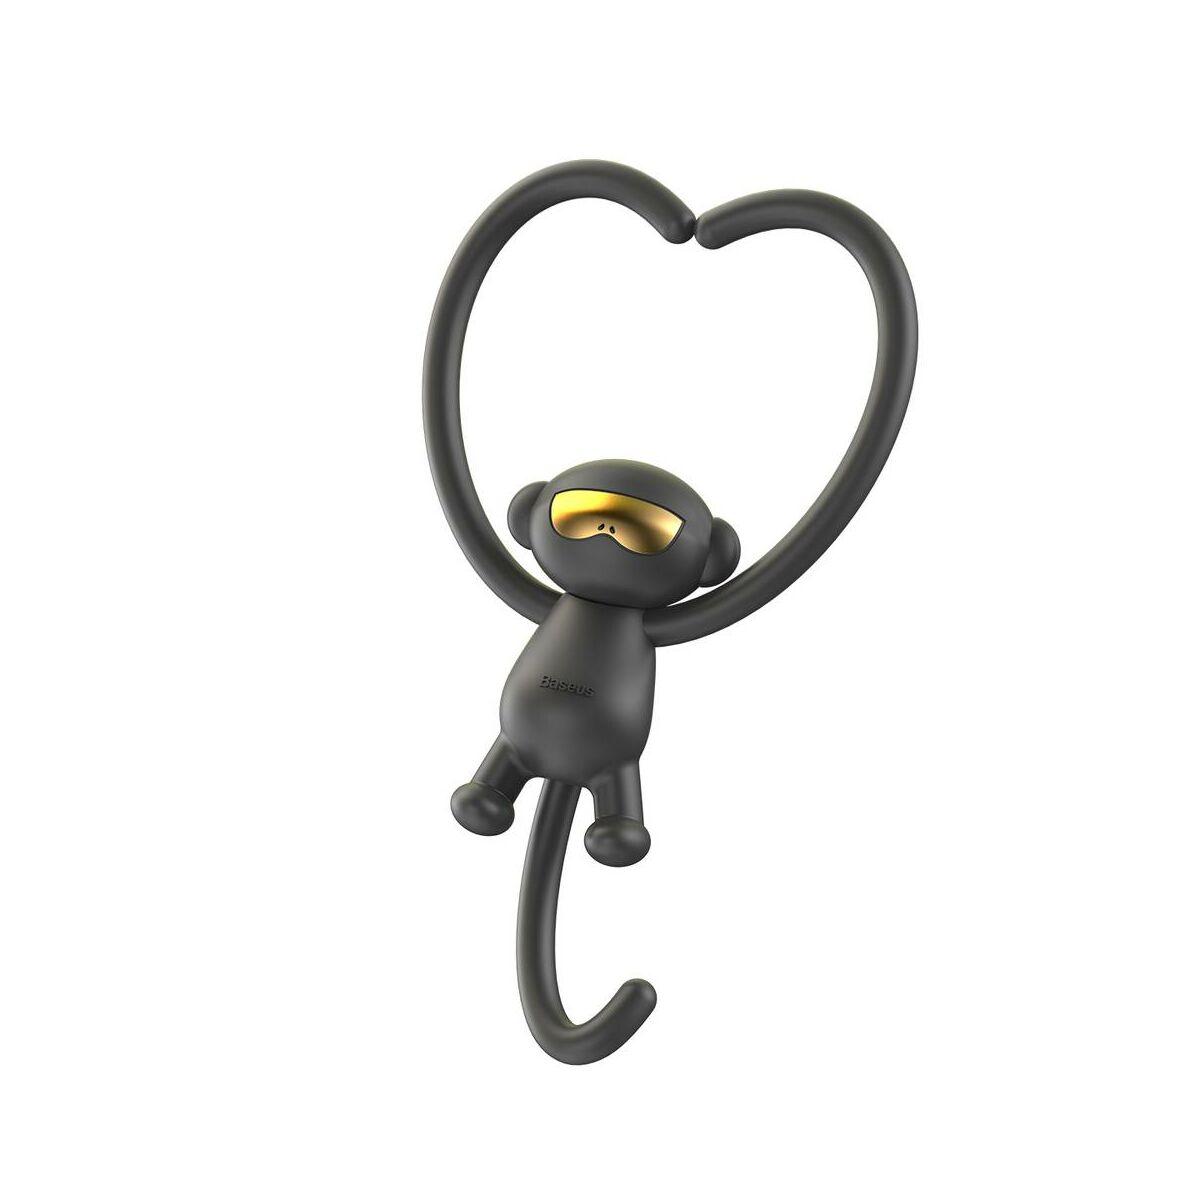 Baseus autós illatosító, Monkey-Shaped, fekete (SUXUN-MK01)